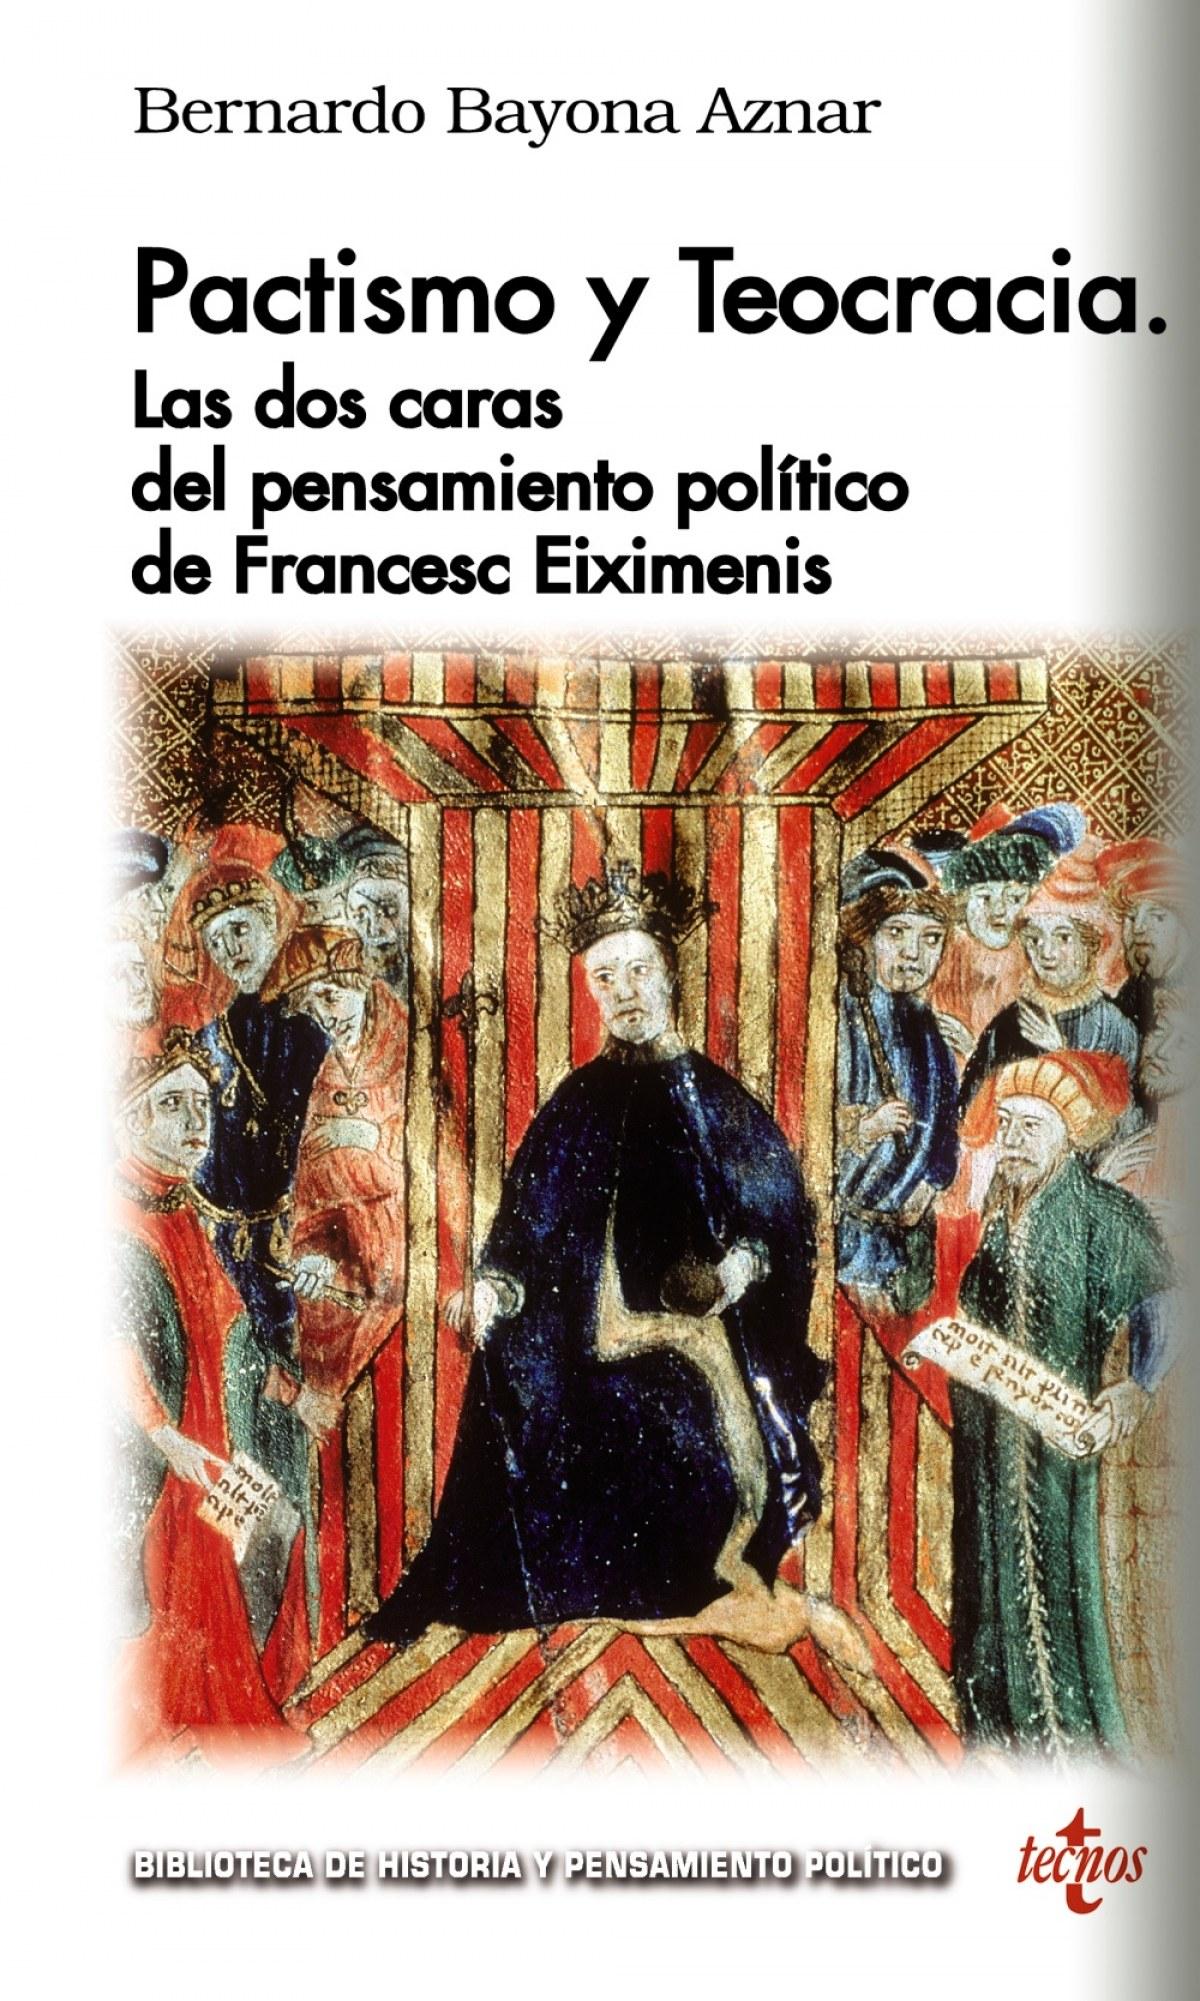 PACTISMO Y TEOCRACIA